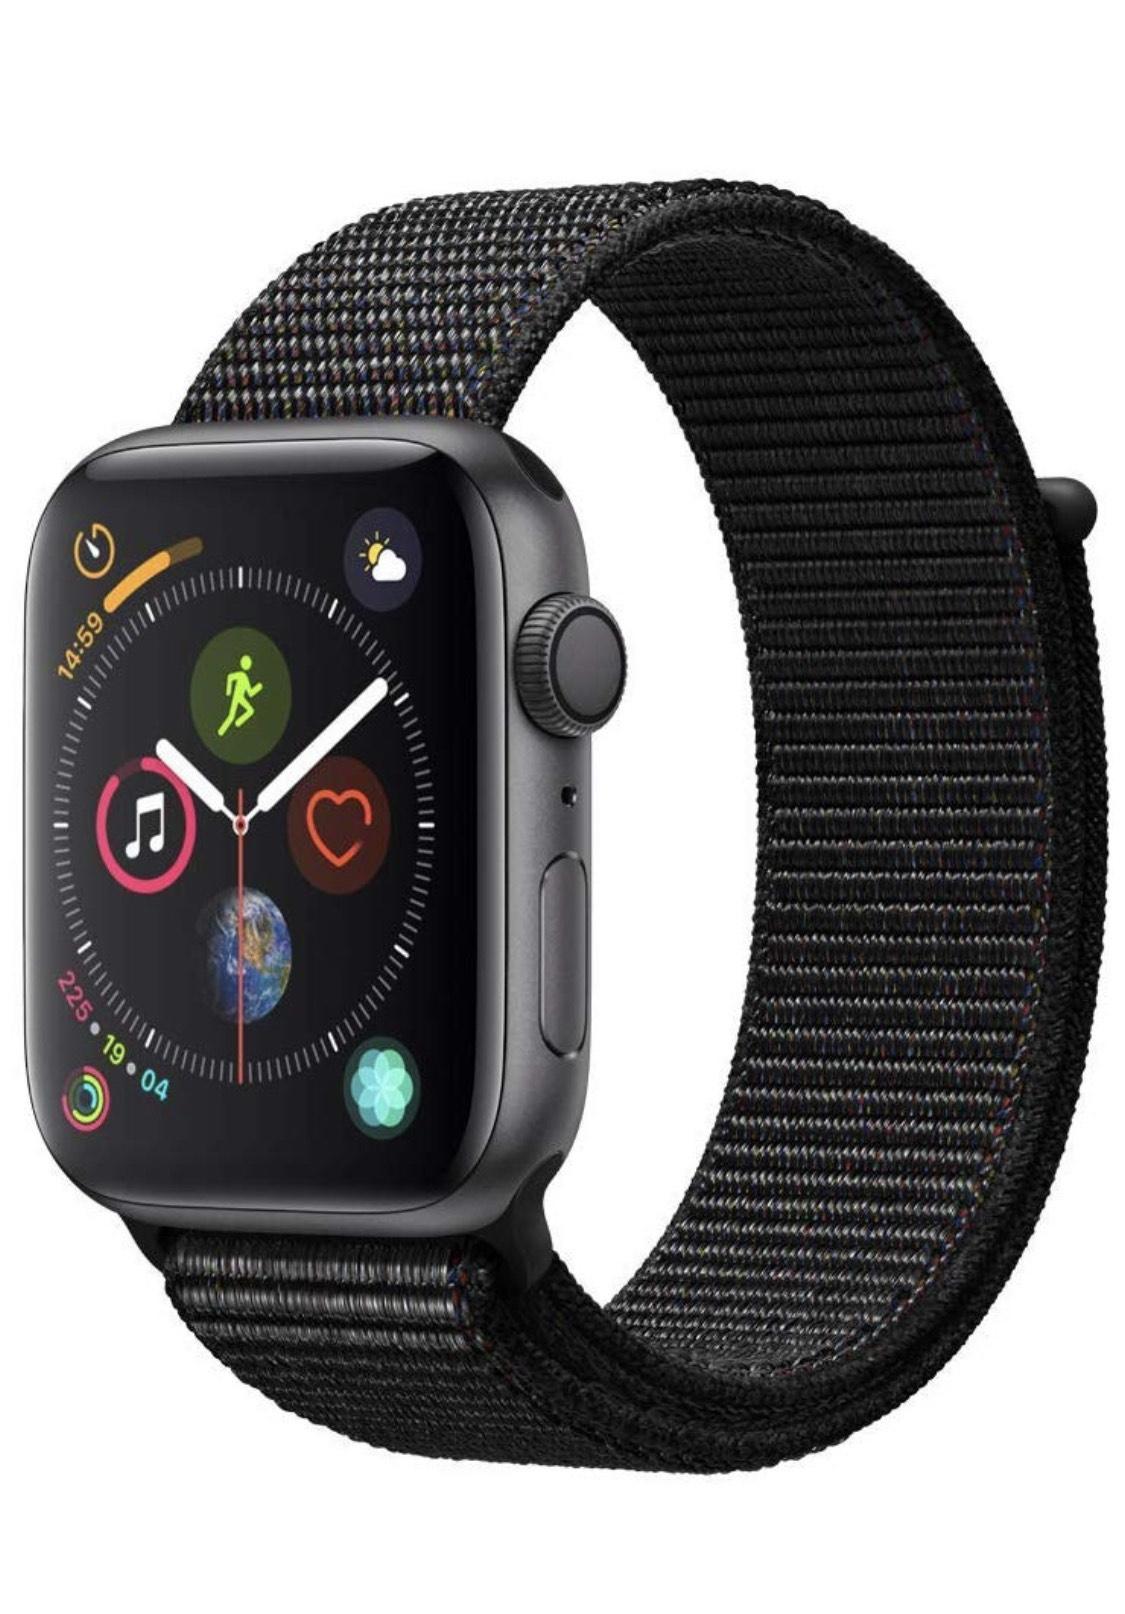 Montre connectée Apple Watch Series 4 - GPS, 44mm, Noir